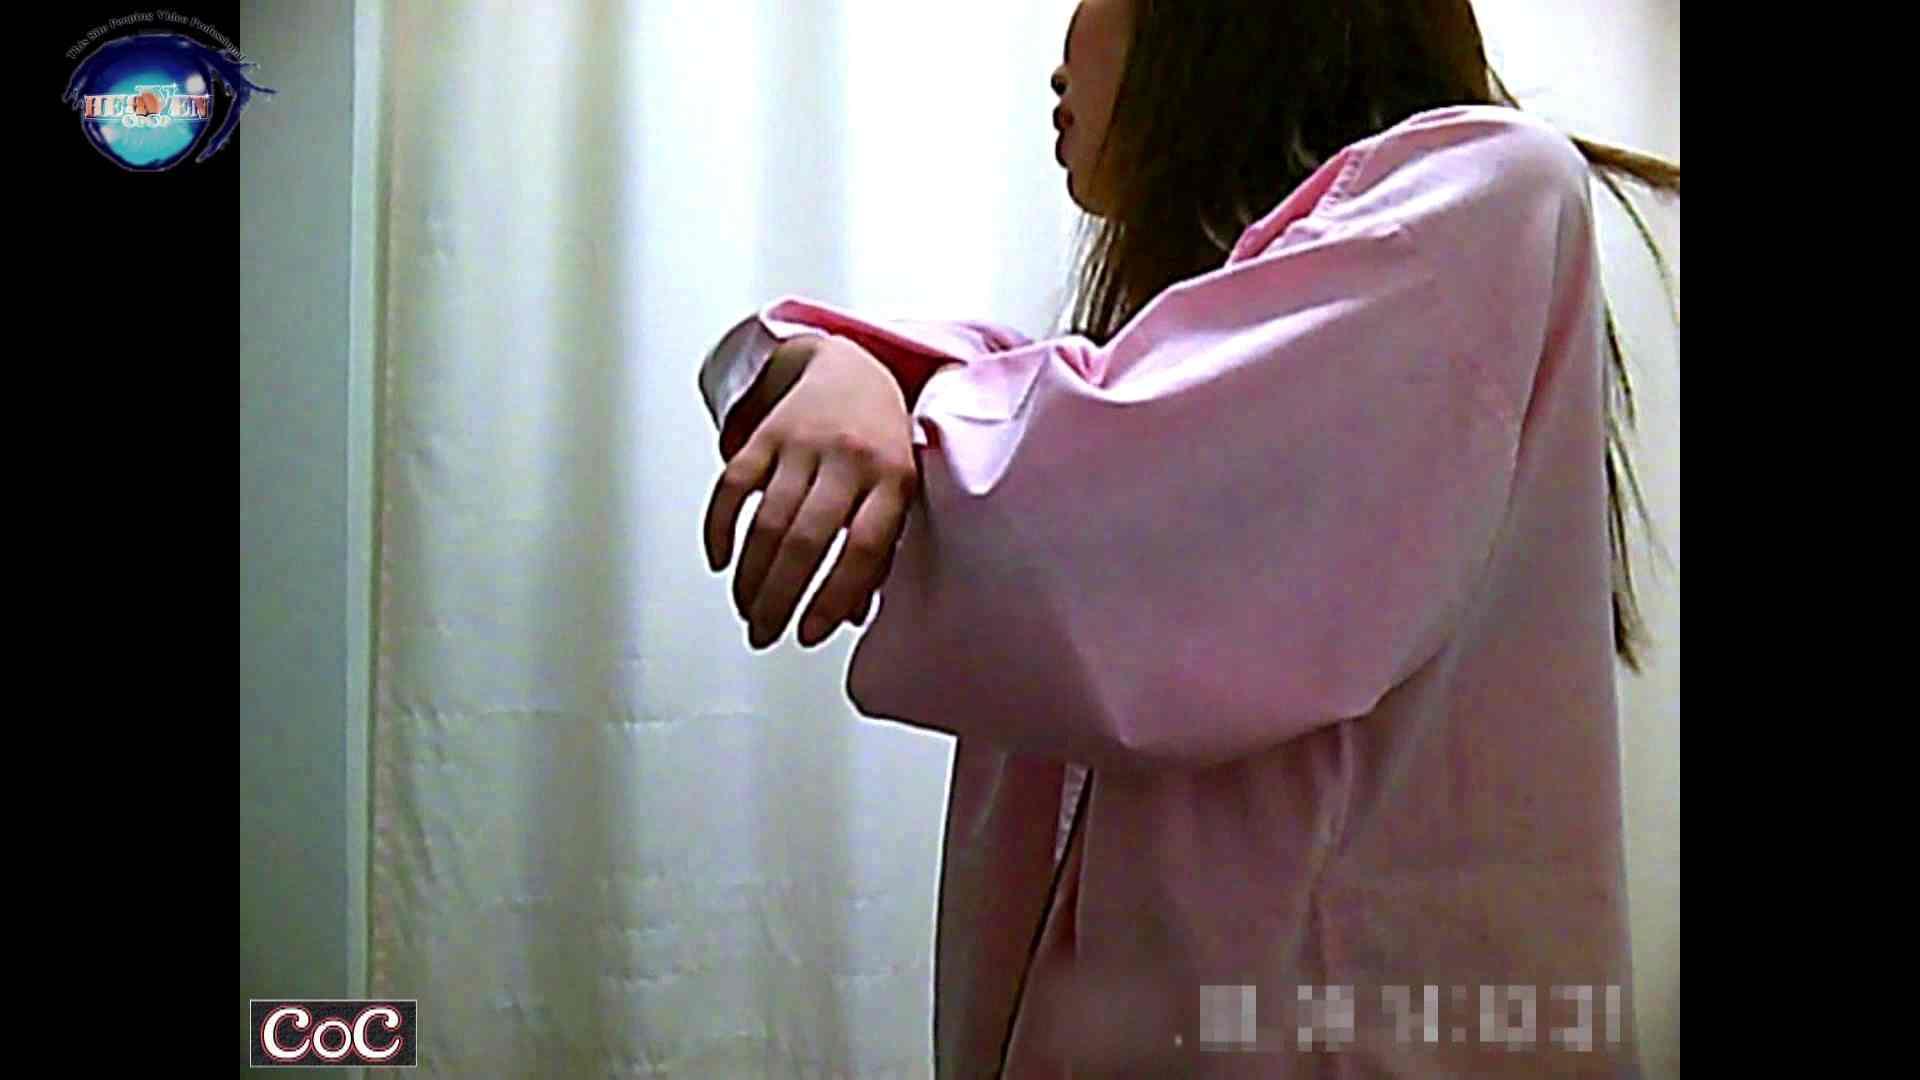 激ヤバ健康診断!着替えの一部始終.vol.13 ※本編ボカシ・目線無し ナースのエロ動画 | ギャルのエロ動画 のぞき 97PIX 96